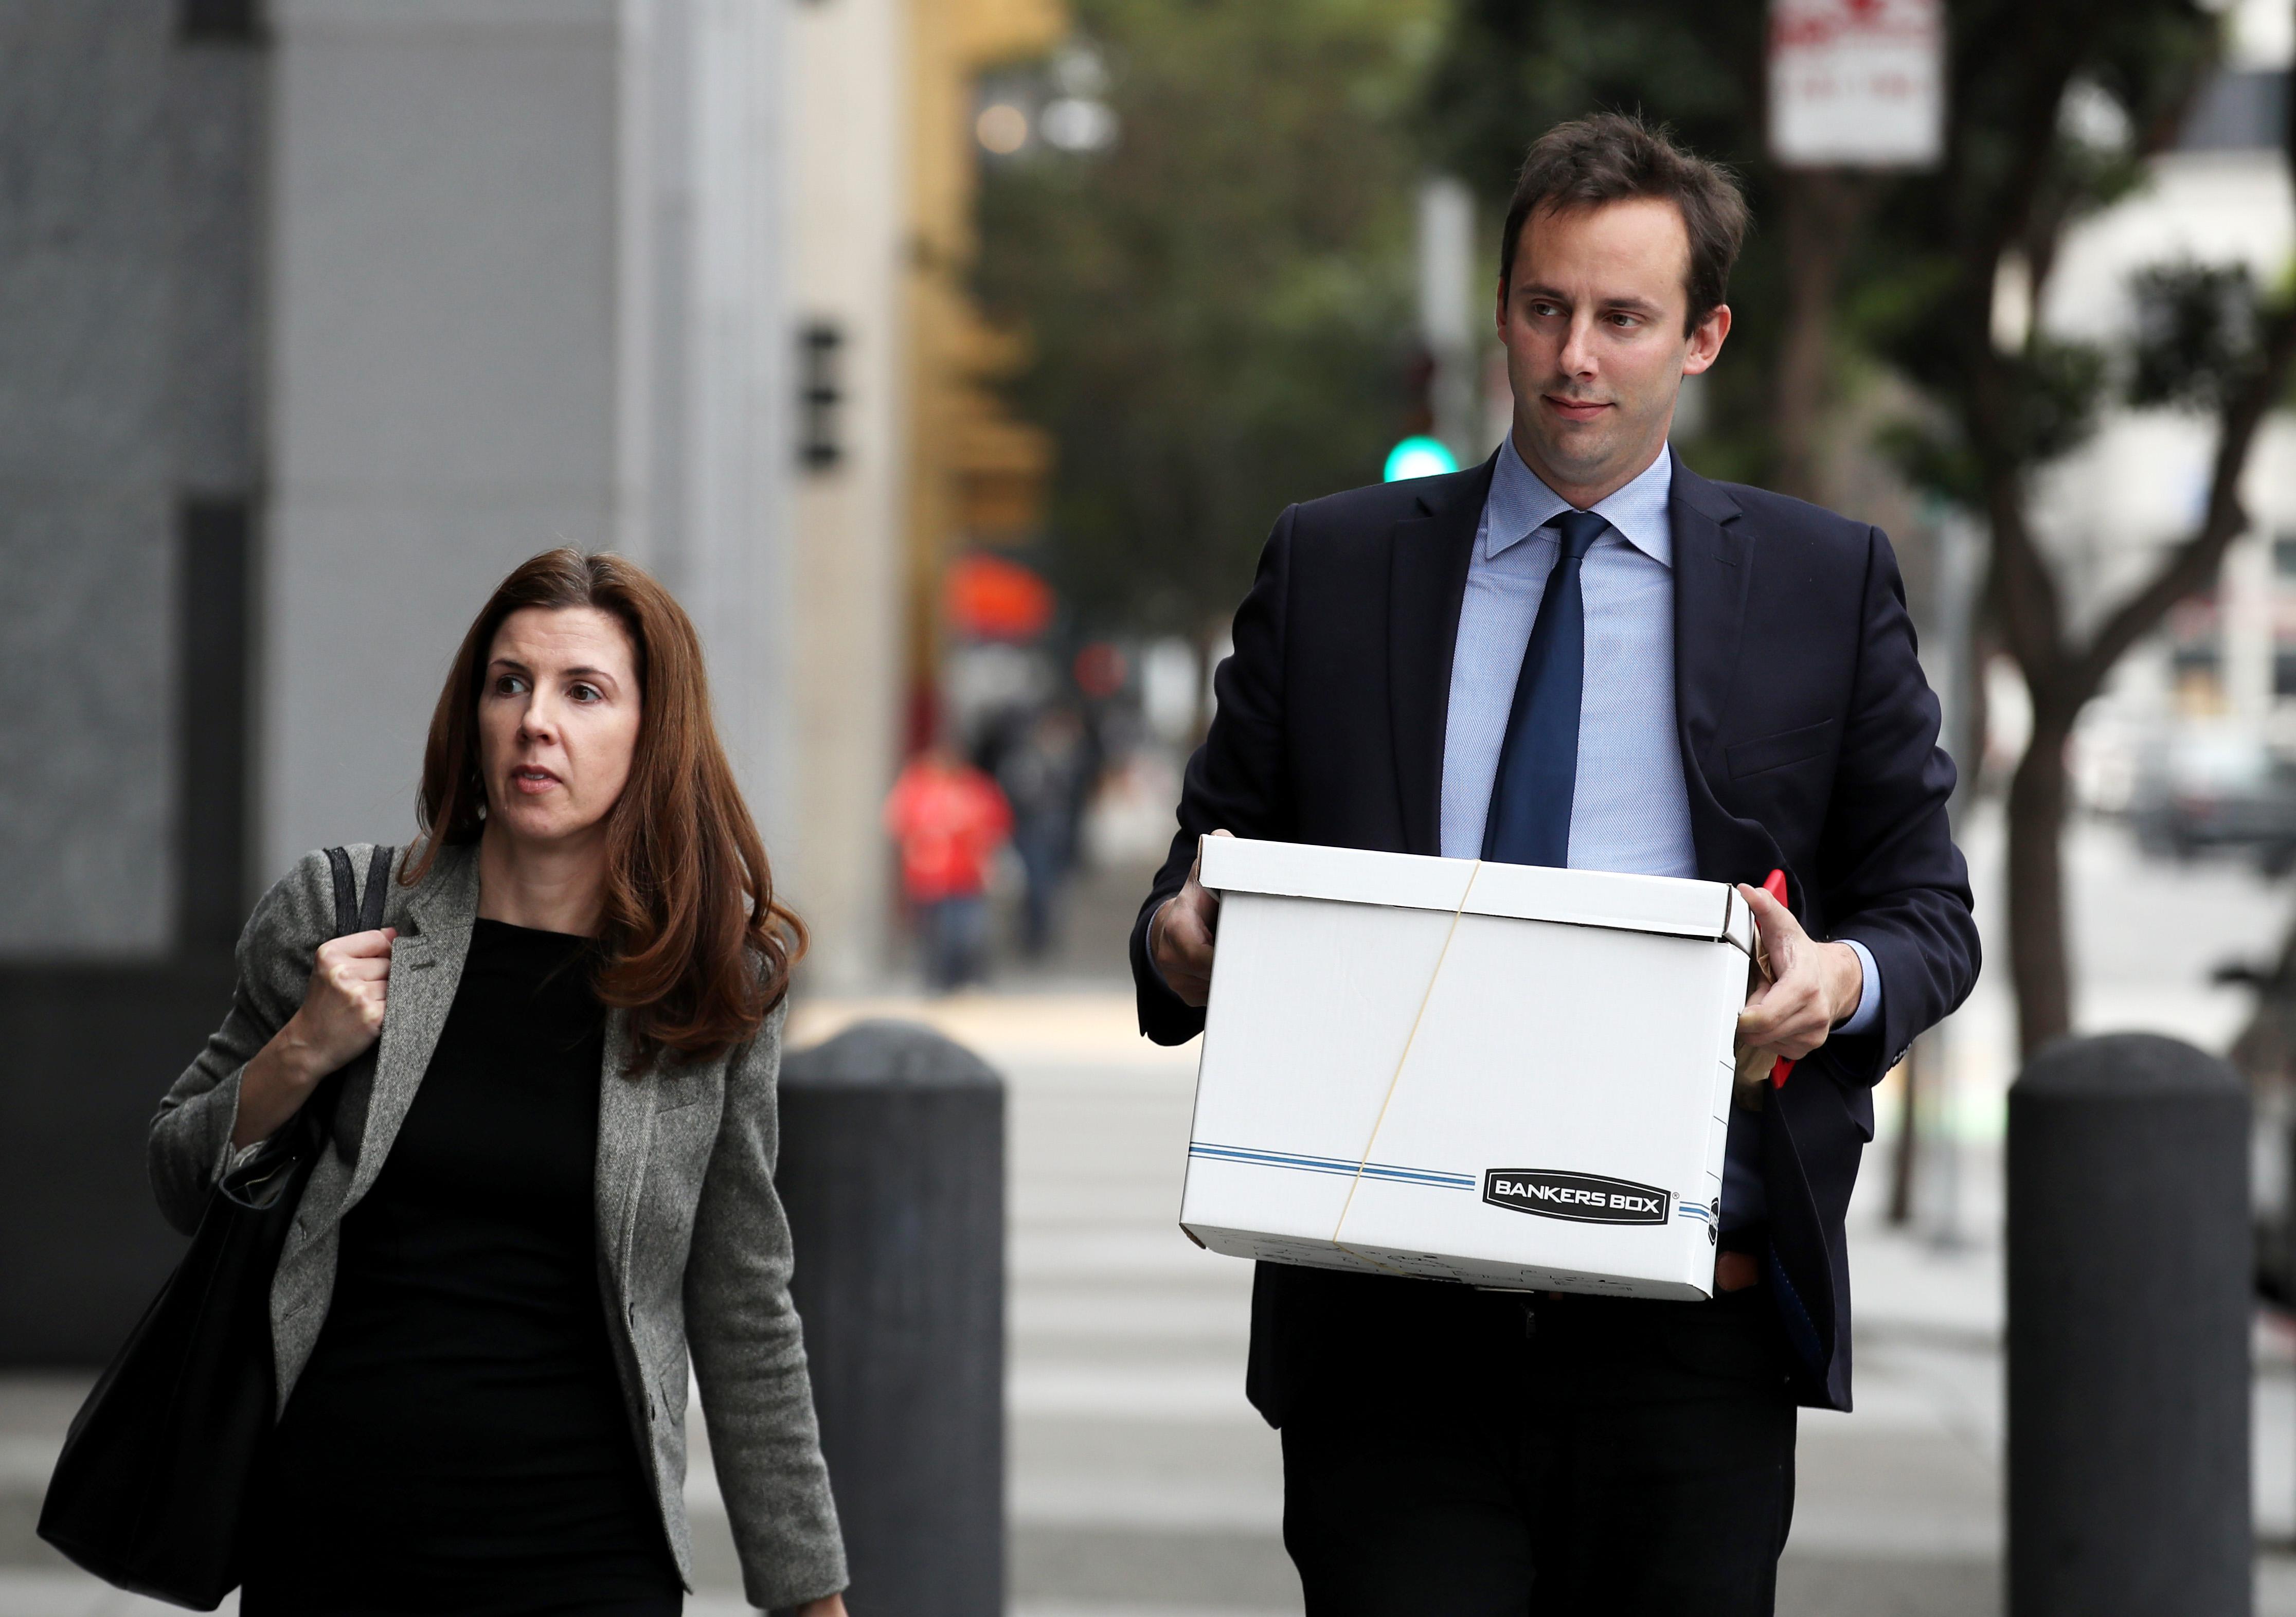 前尤伯杯而谷歌工程师安东尼Levandowski返回到法院